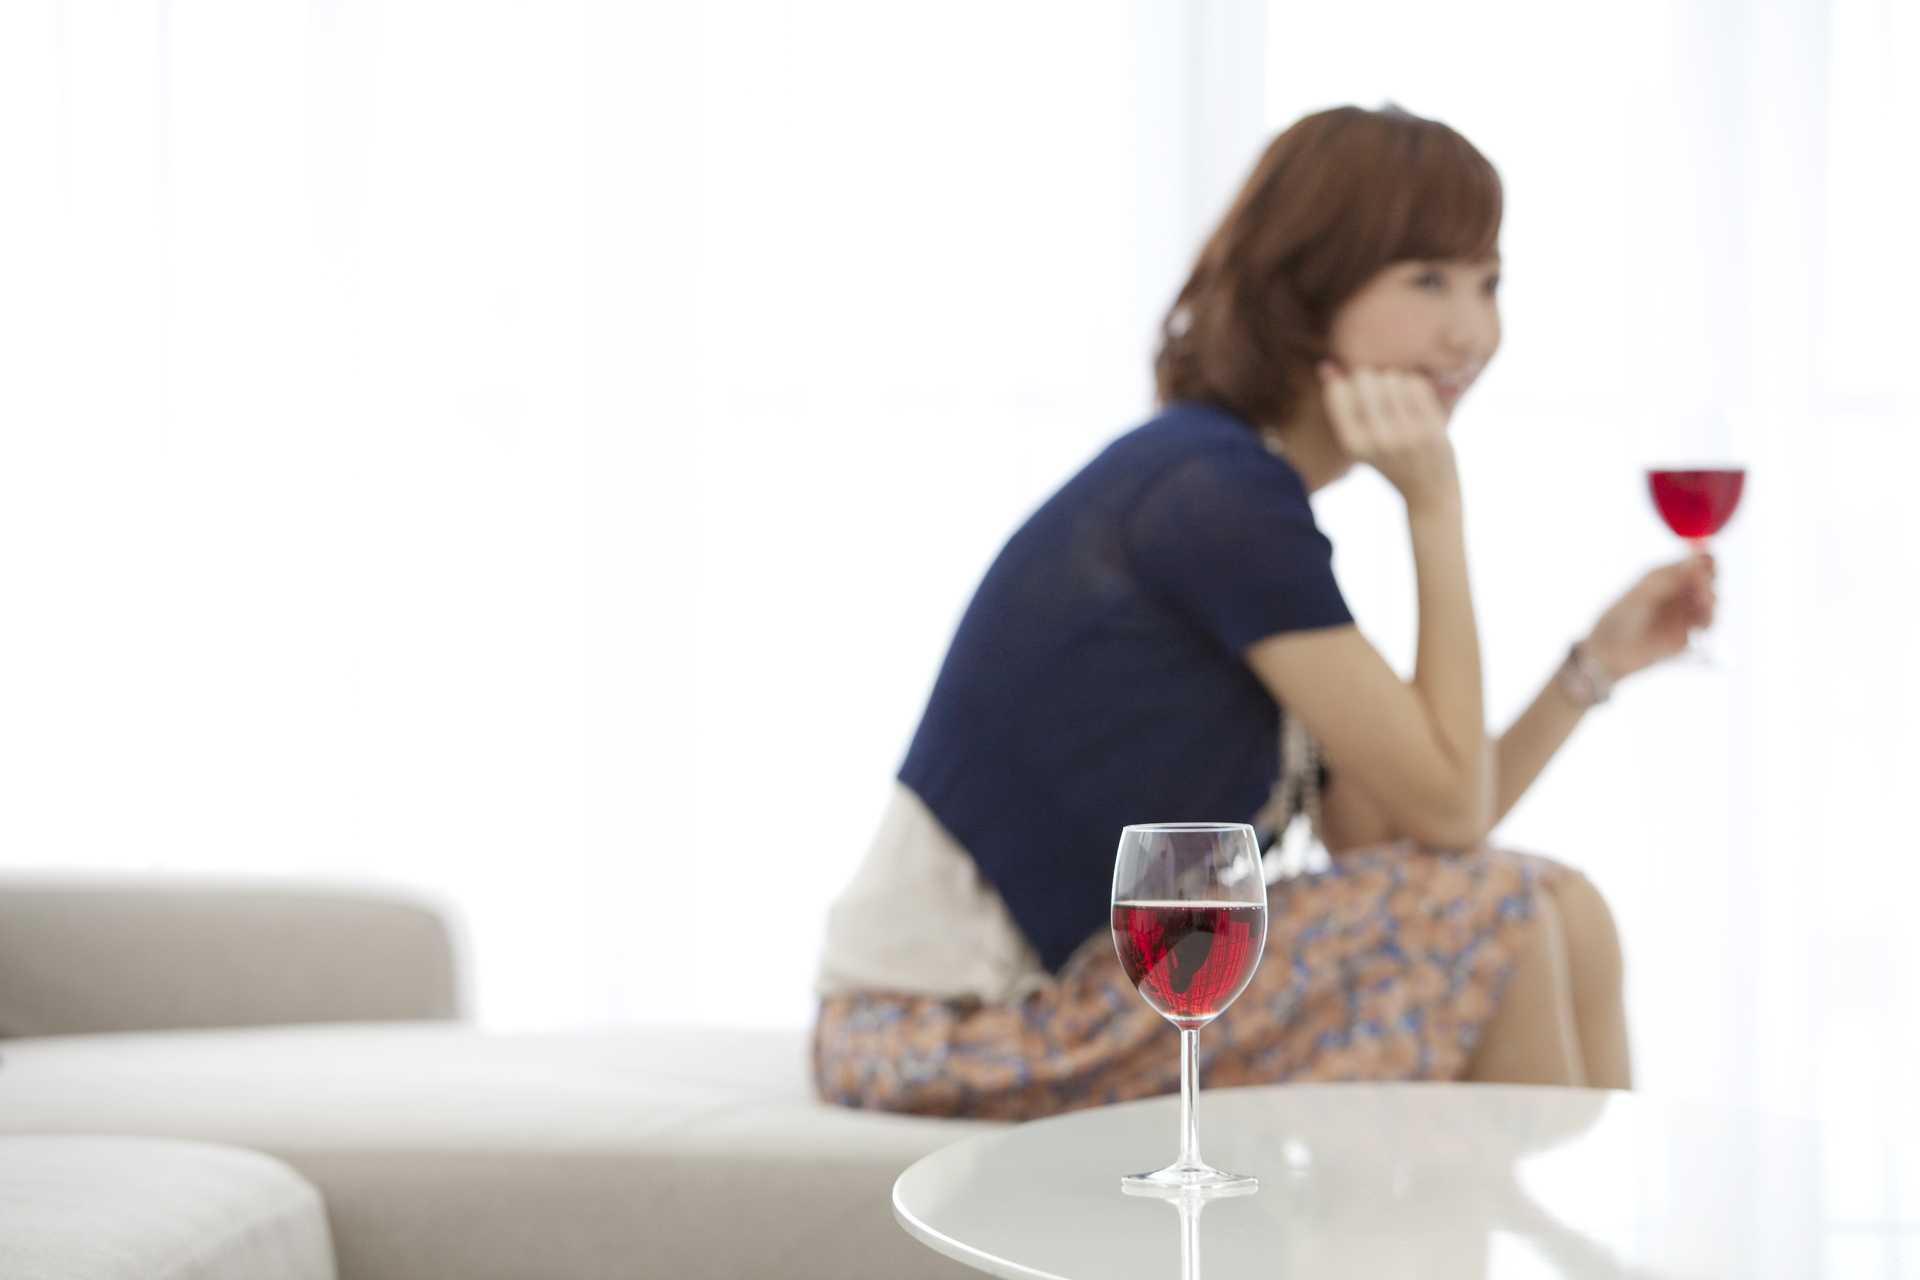 どうしてもリラックスできないときには、お酒の力を借りればいい。 | のんびり気楽に生きる30の心の習慣